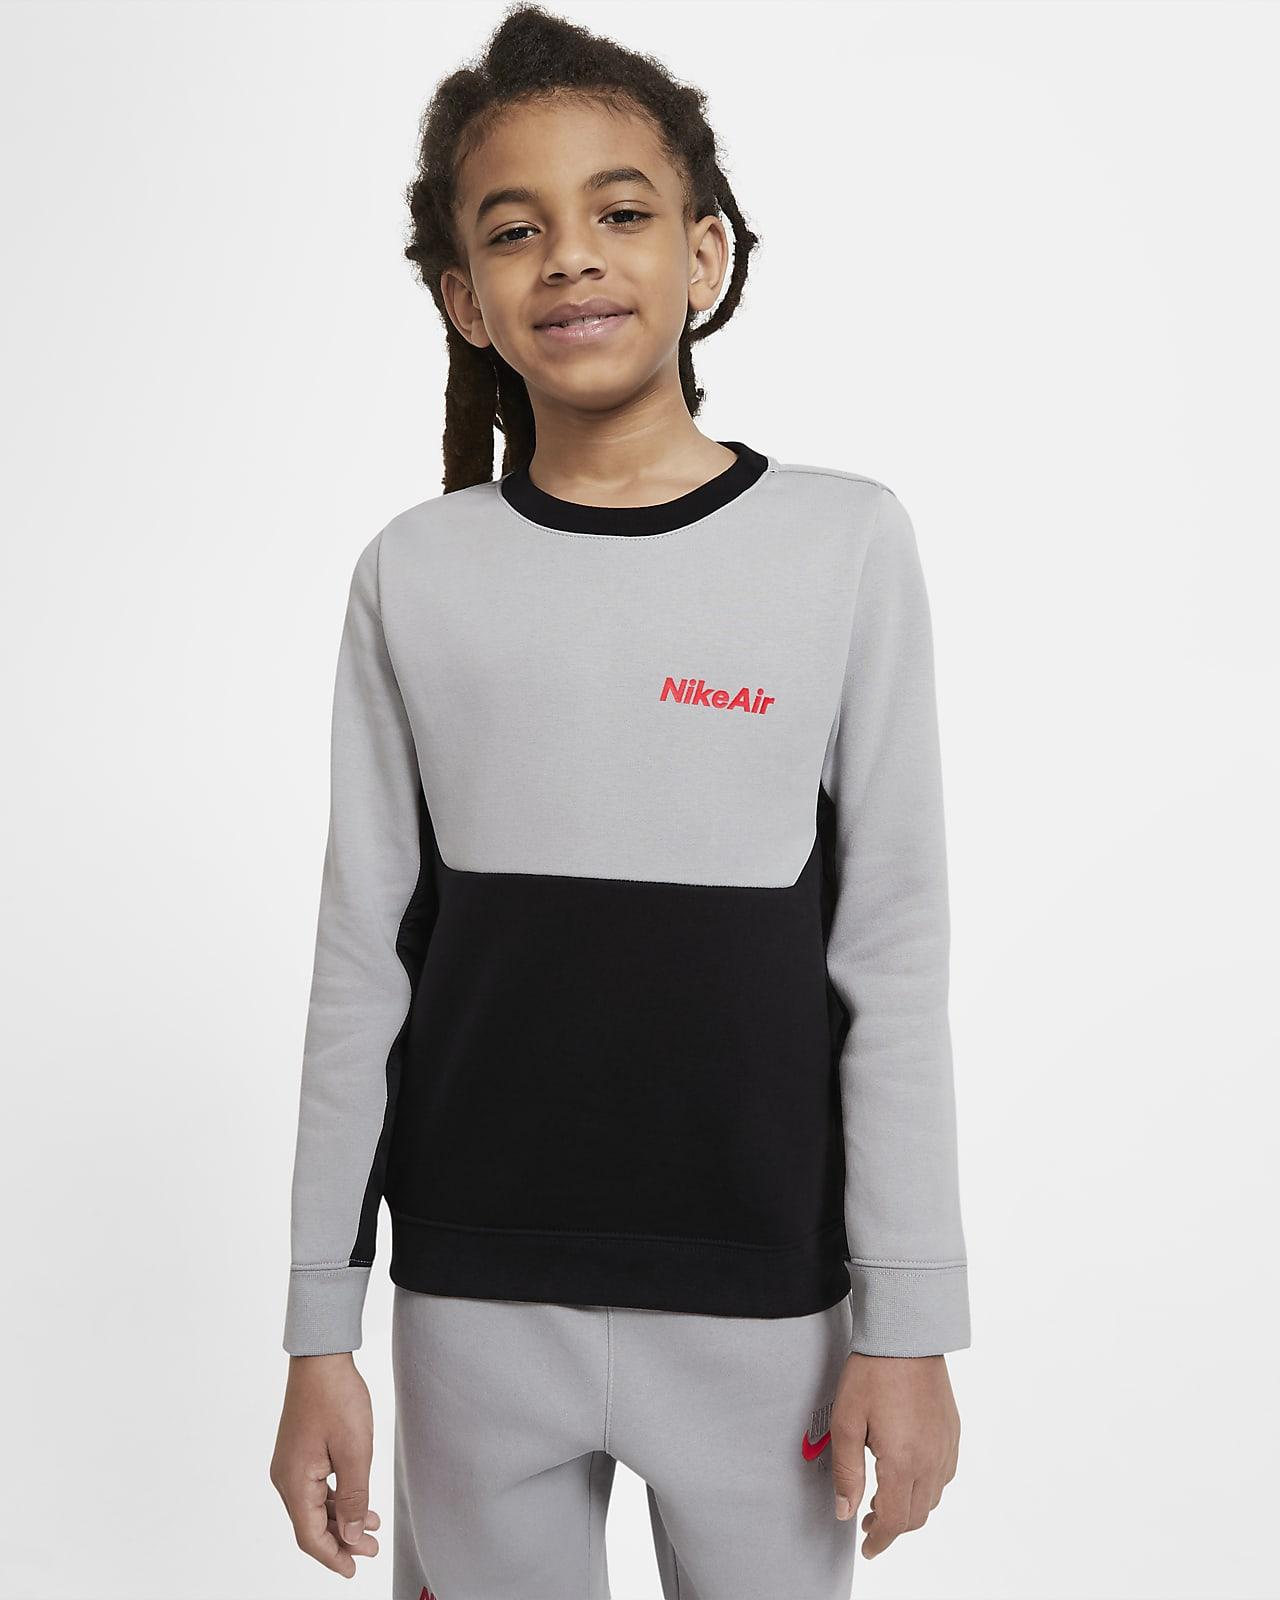 Mikina Nike Air s dlouhým rukávem a kulatým výstřihem pro větší děti (chlapce)